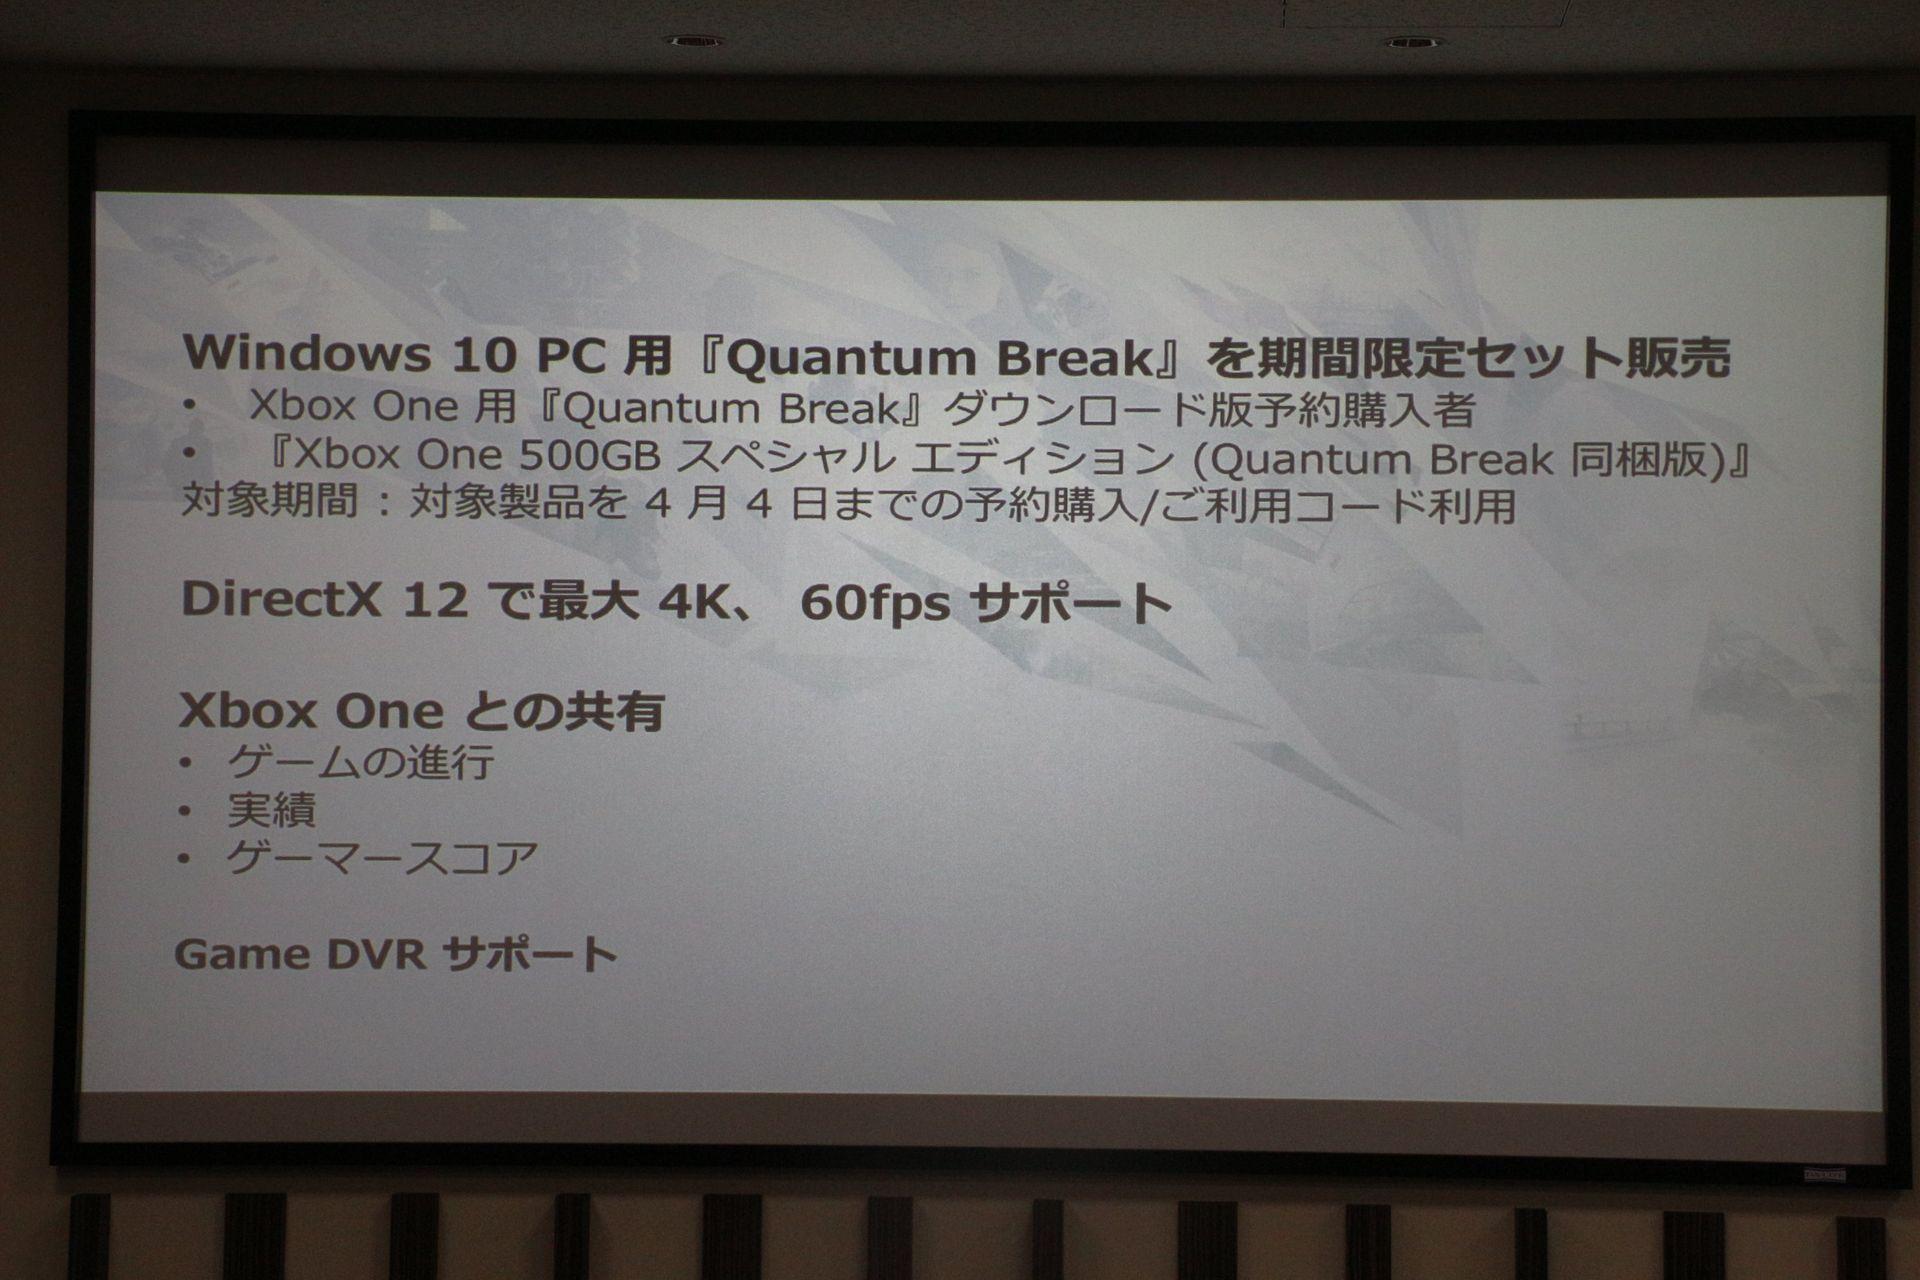 本日4月4日までWindows 10版無料プレゼントキャンペーン